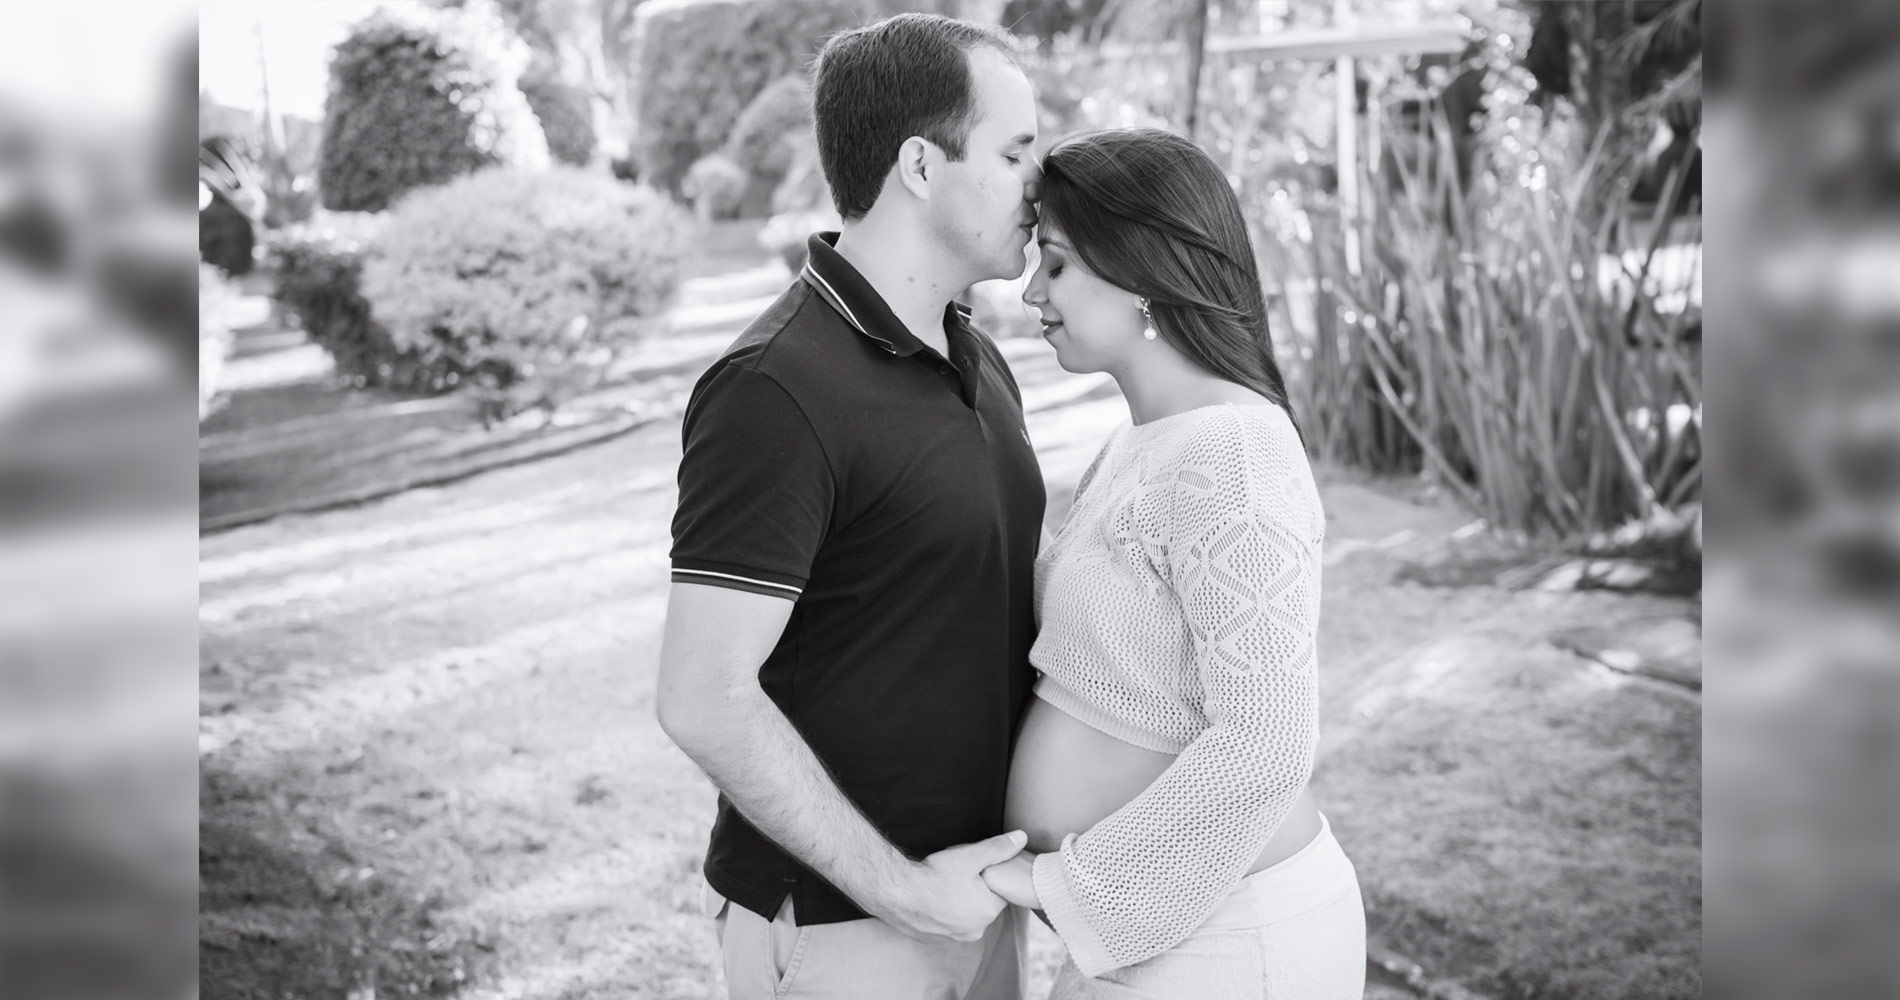 ensaio-romantico-casal-brasilia-fotografia